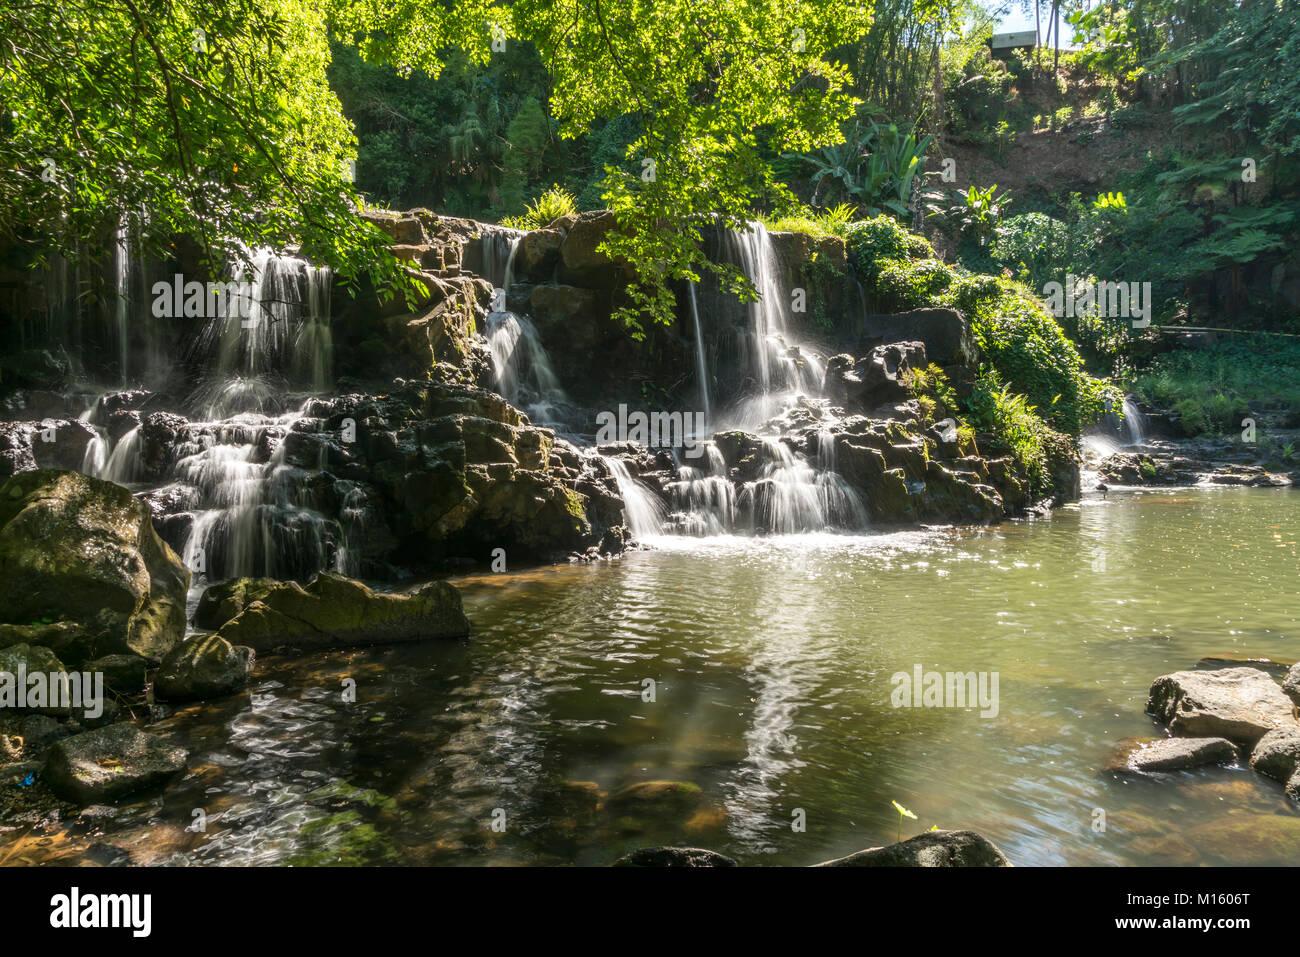 Waterfall in the park of Eureka House,Maison Eureka,Moka,Mauritius - Stock Image